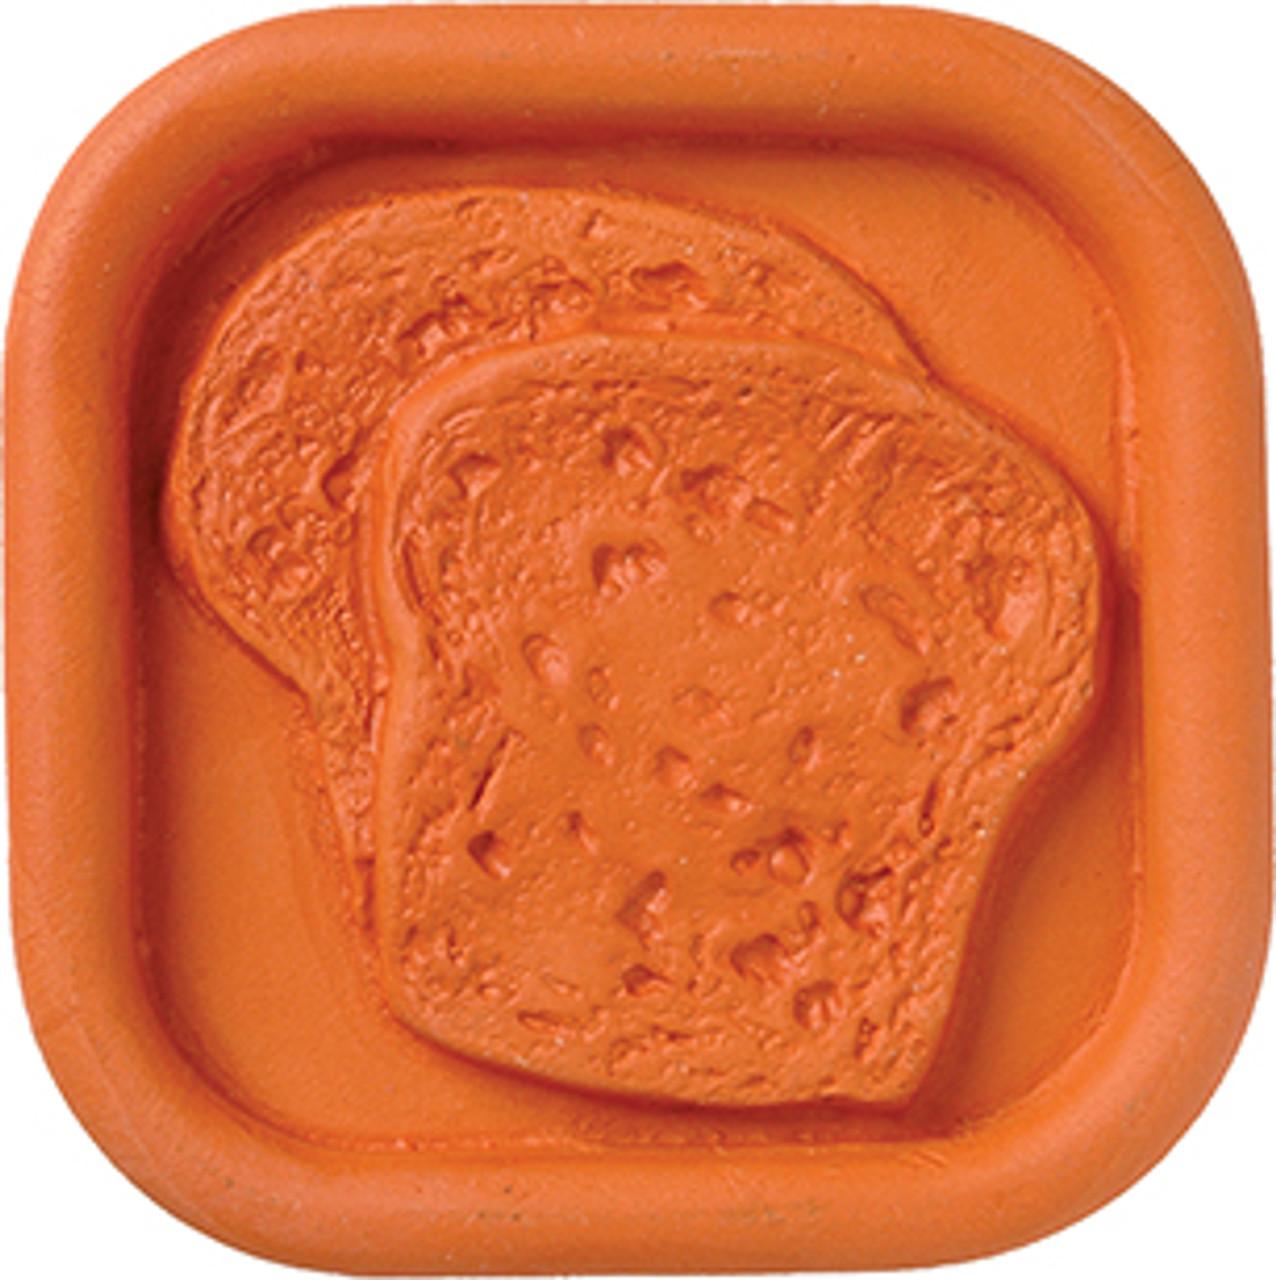 JBK Pottery Ceramic Bread Saver